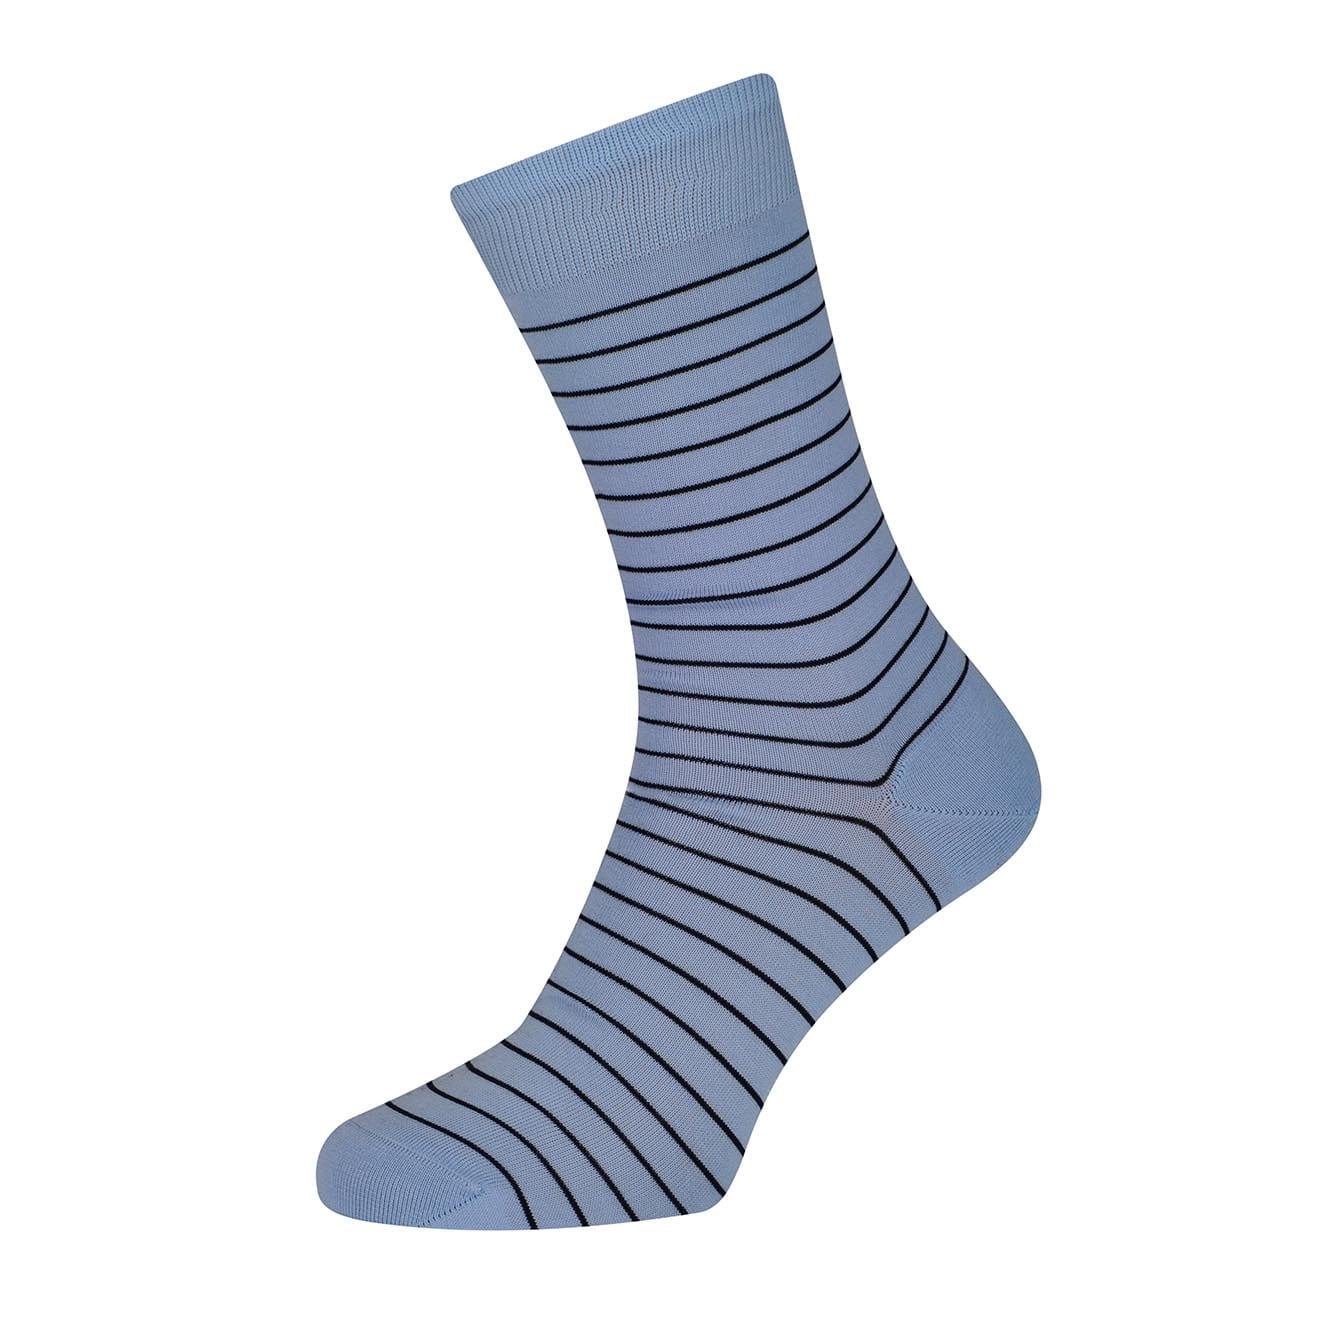 Sunspel Simple Stripe Cotton Sock